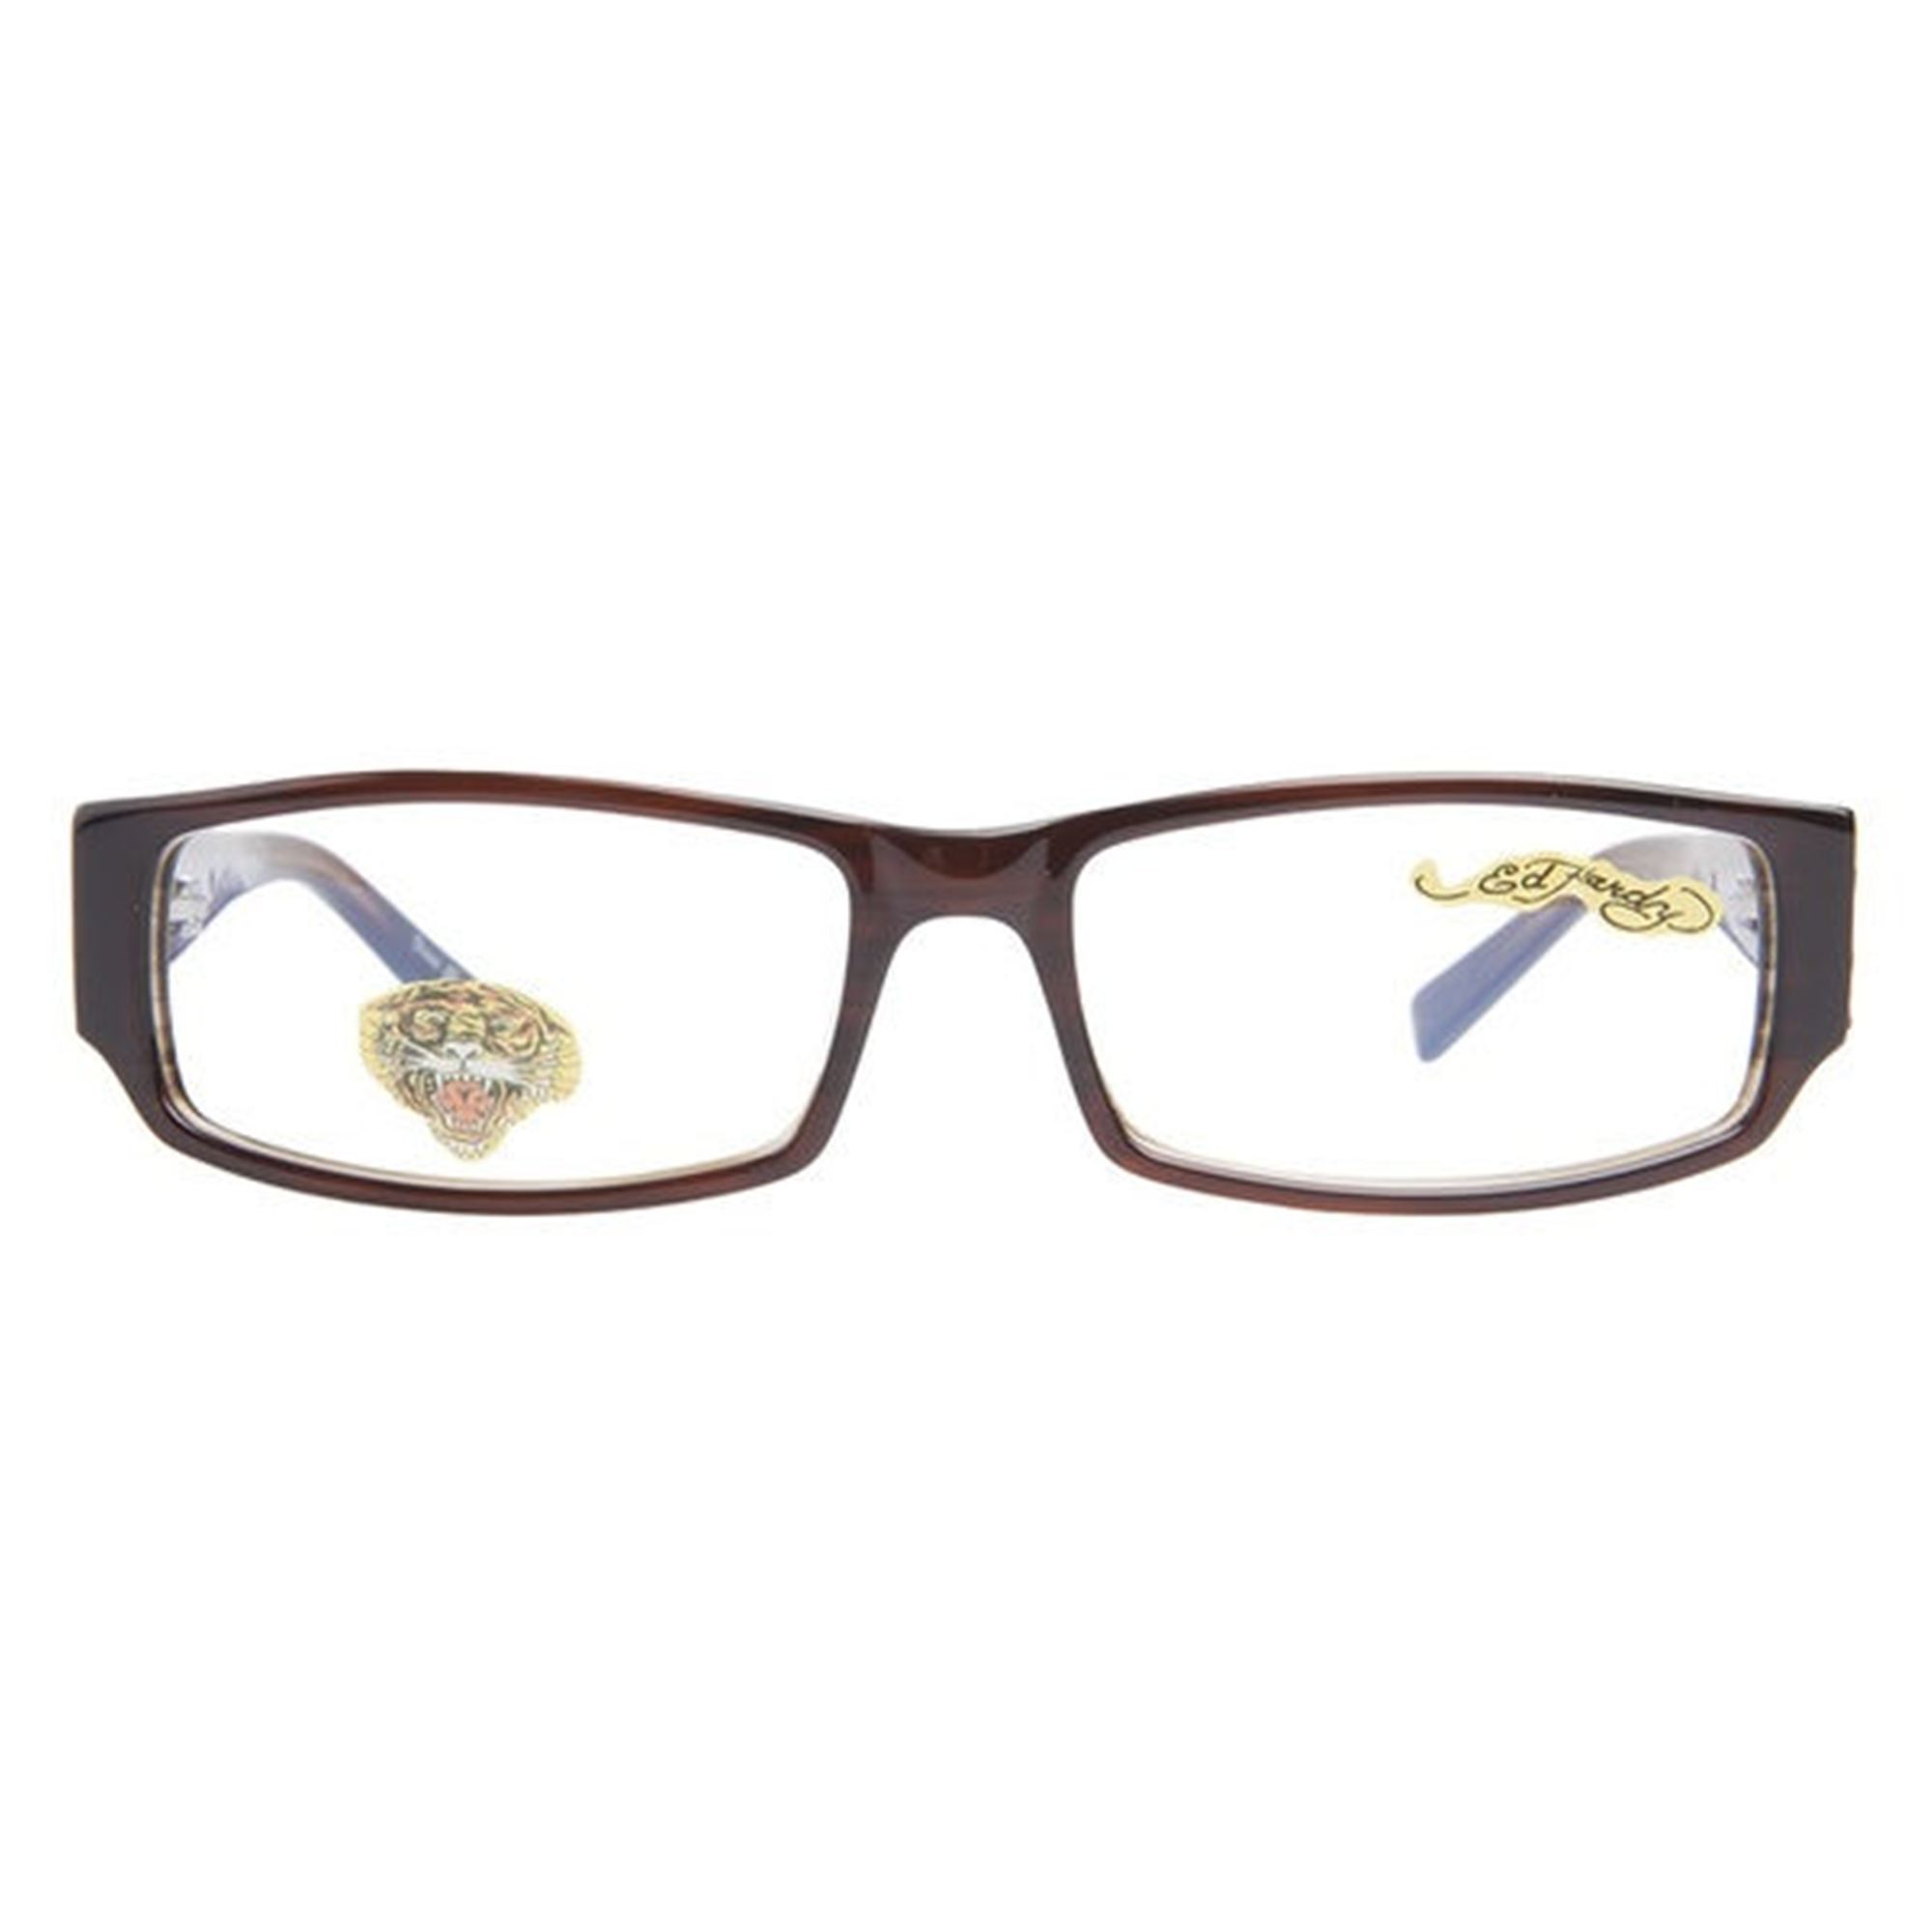 b777093efb Shop Ed Hardy EHO-724 Hazel Designer Eyeglasses - Free Shipping Today -  Overstock - 11684984